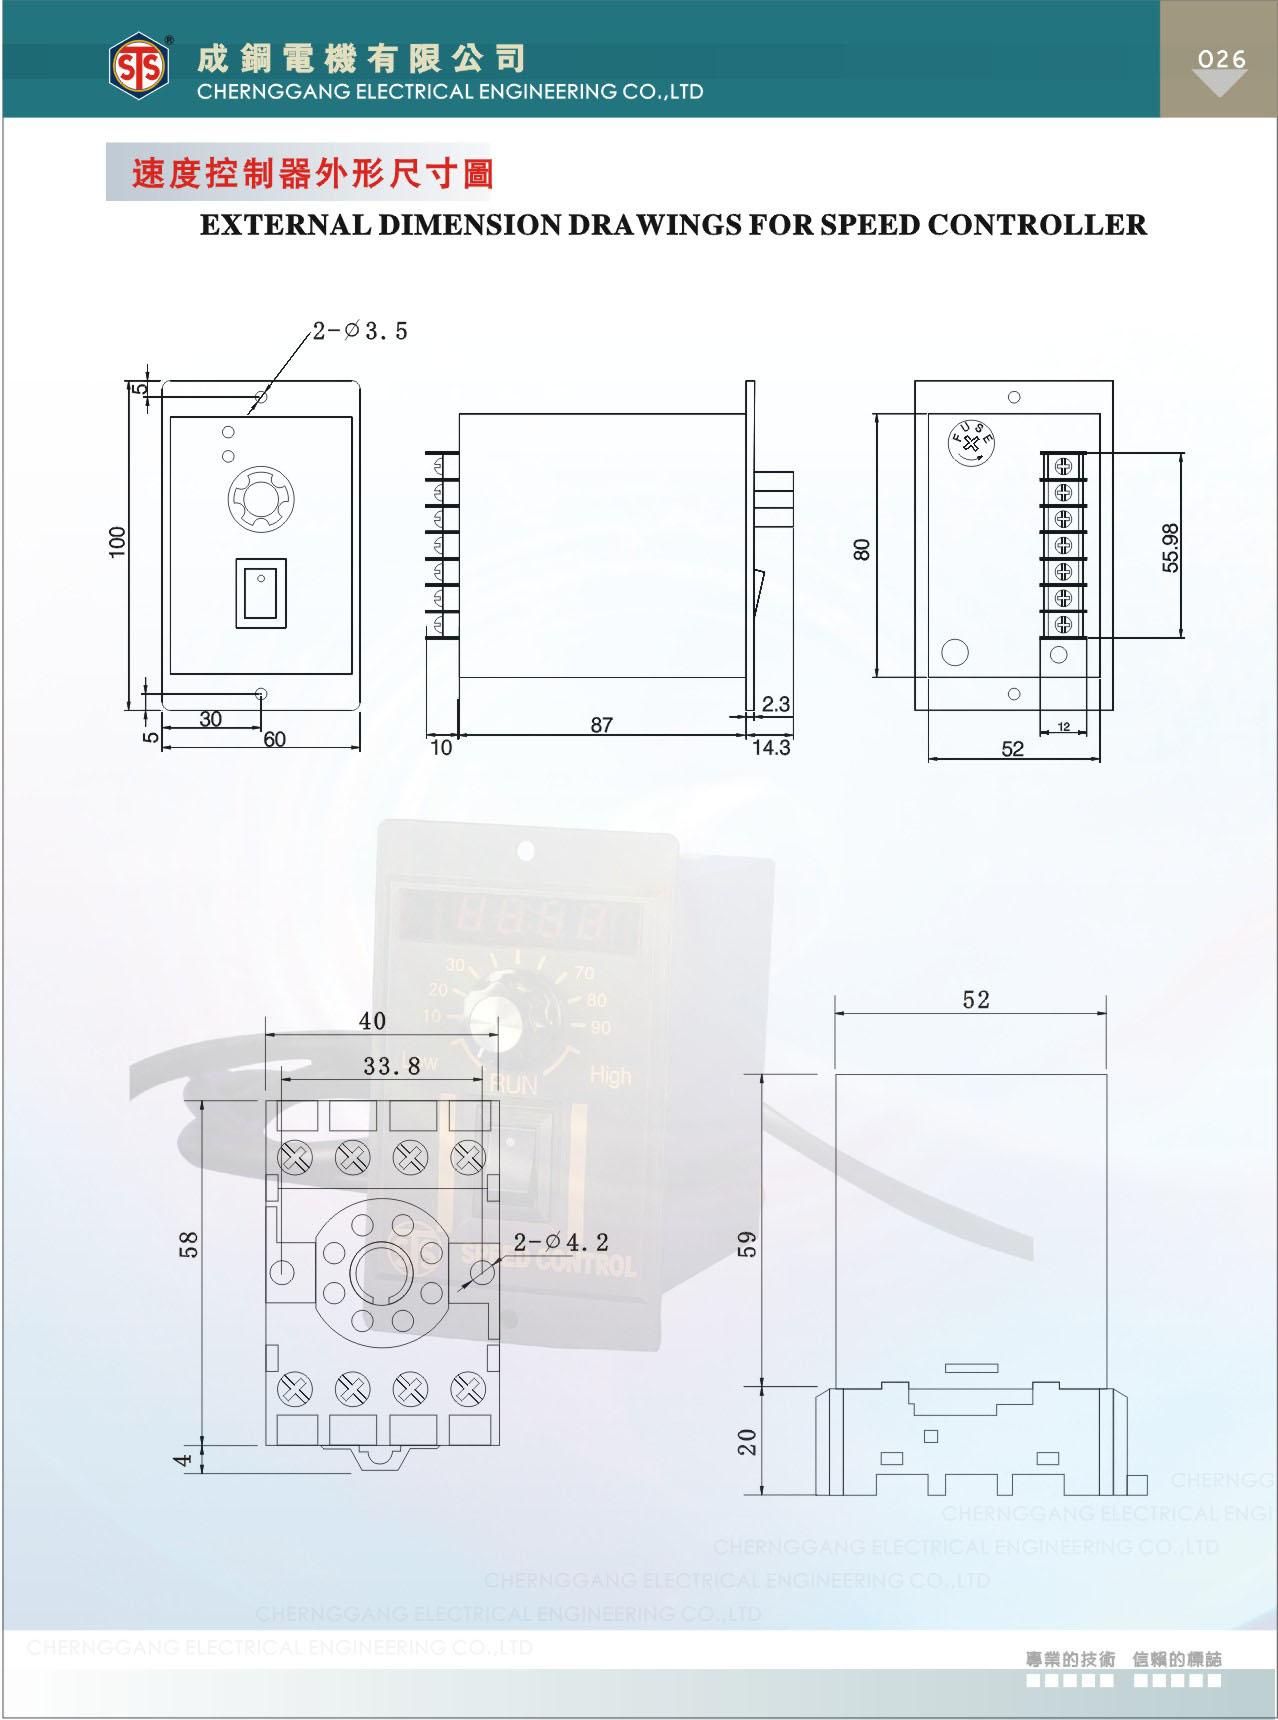 sts交流电机调速控制器